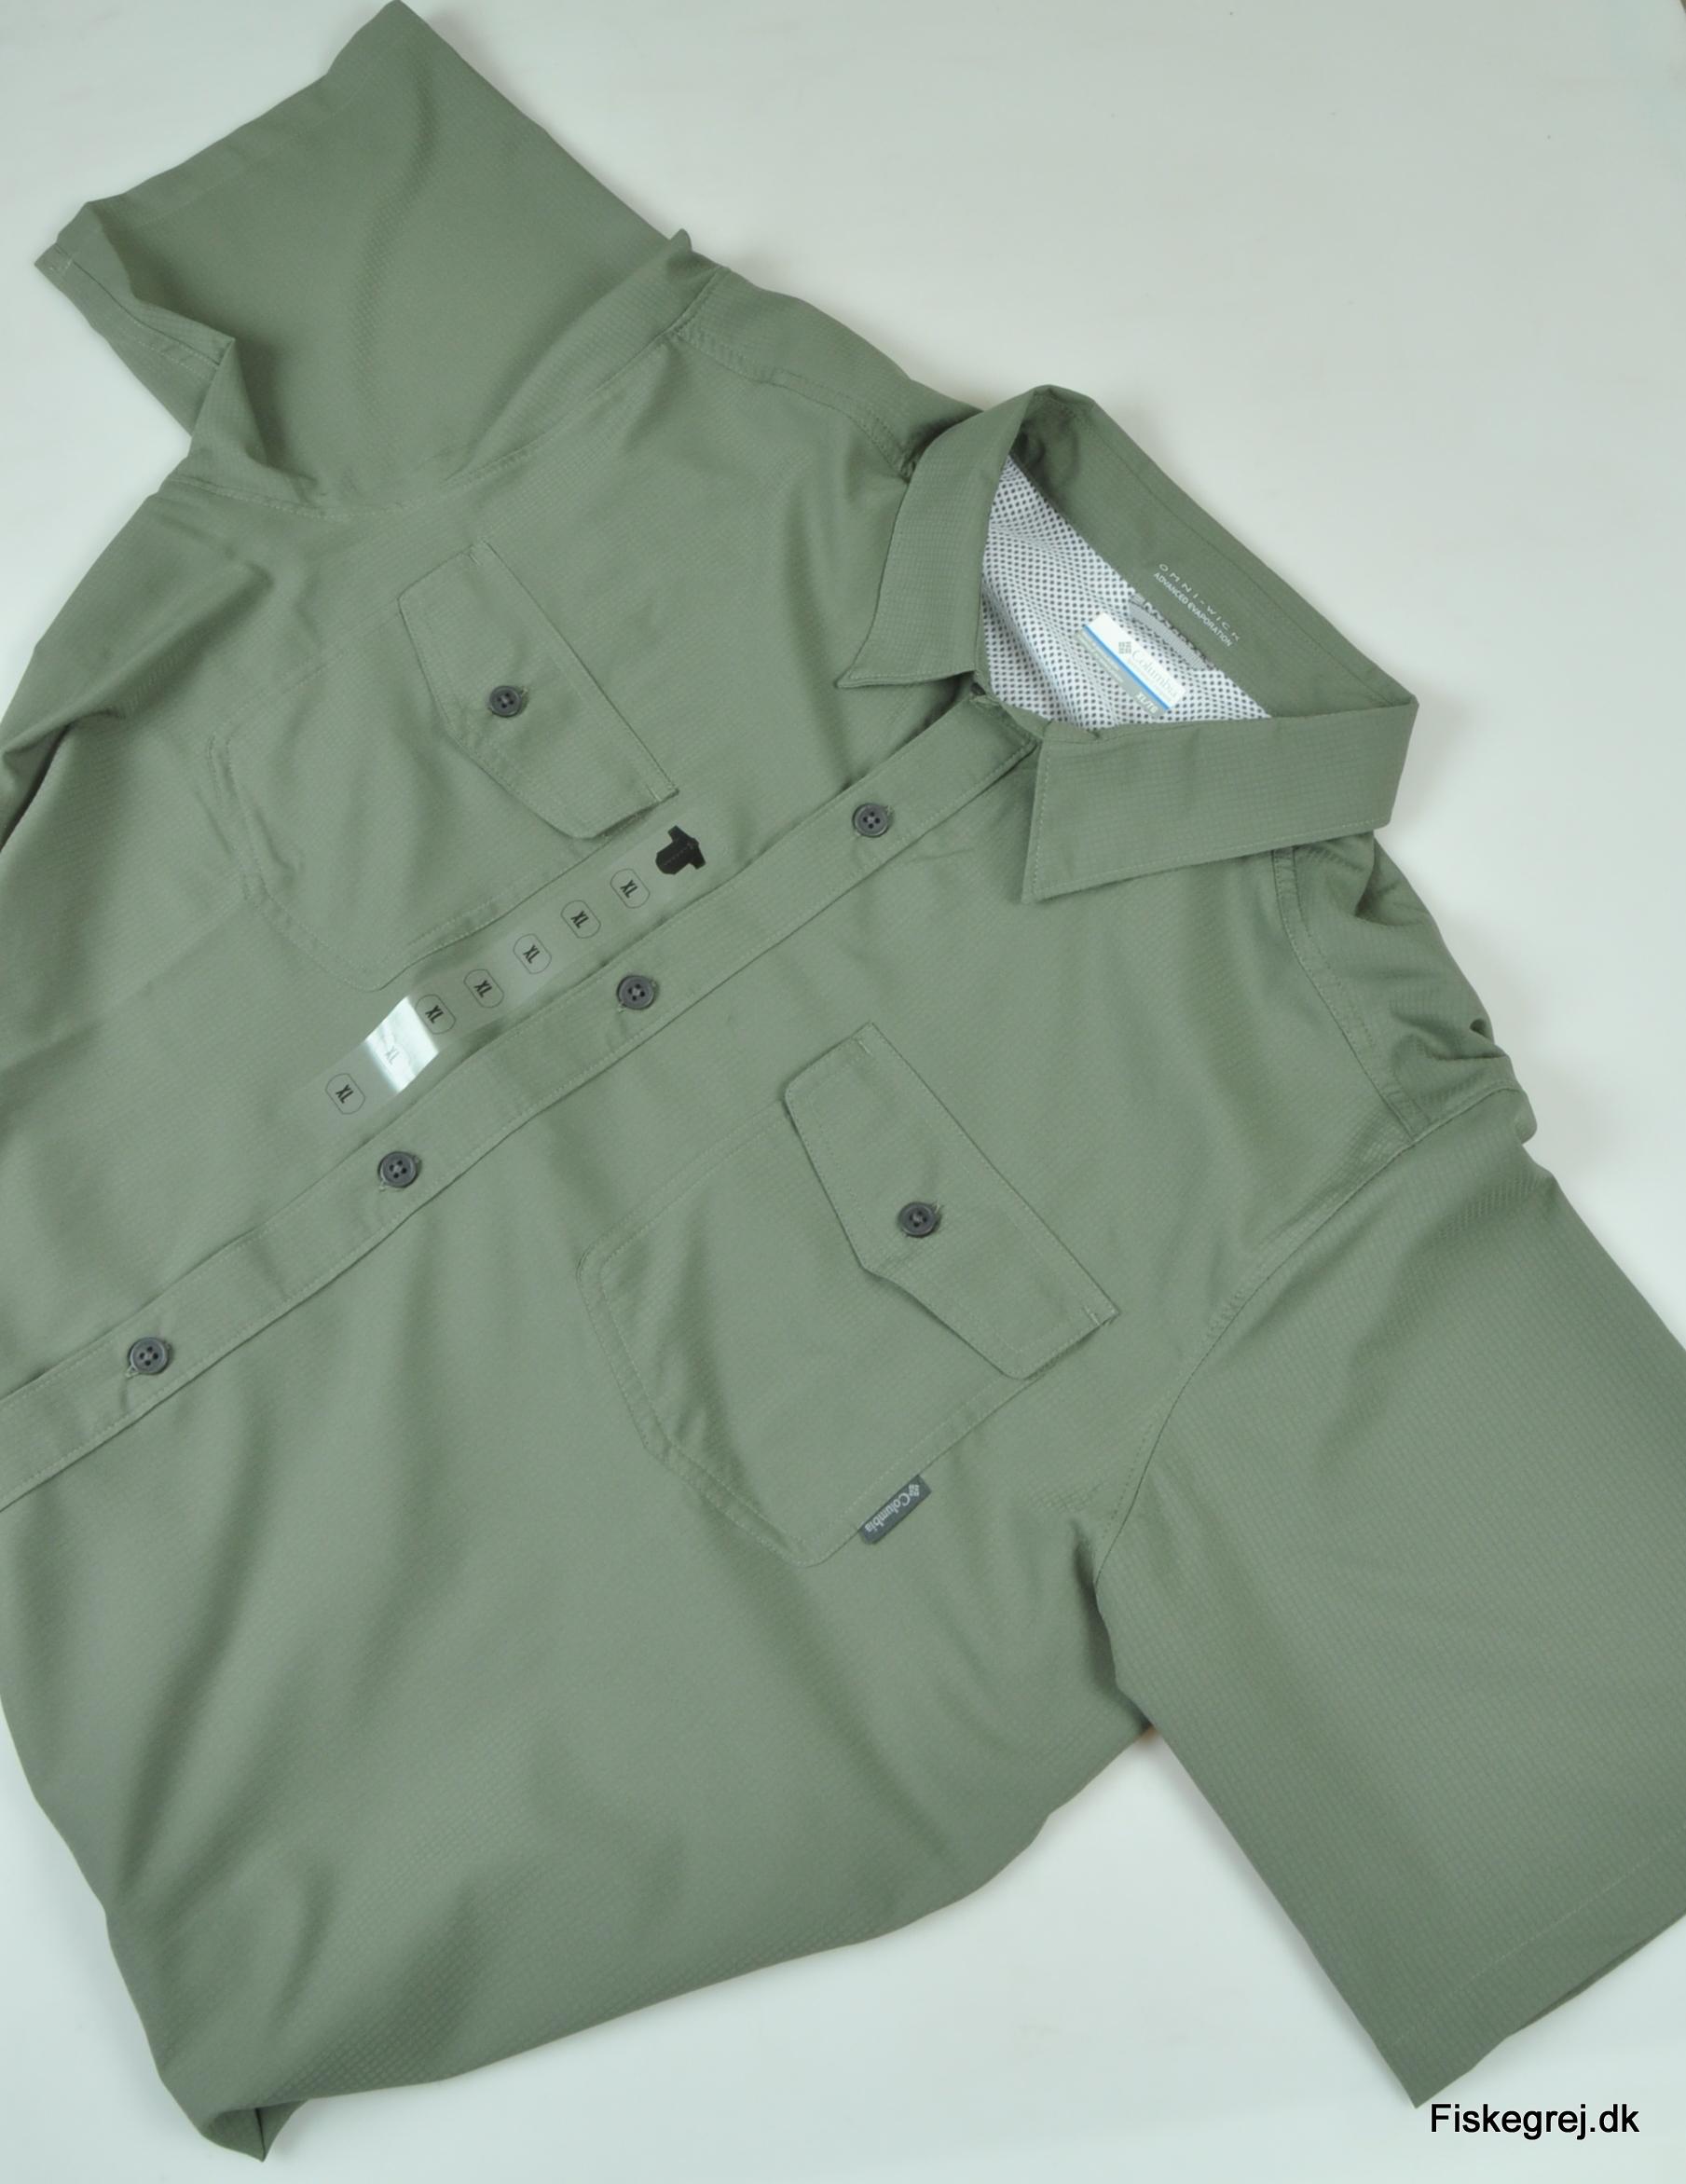 Columbia utilizer ii solid ss skjorte fra N/A på fiskegrej.dk